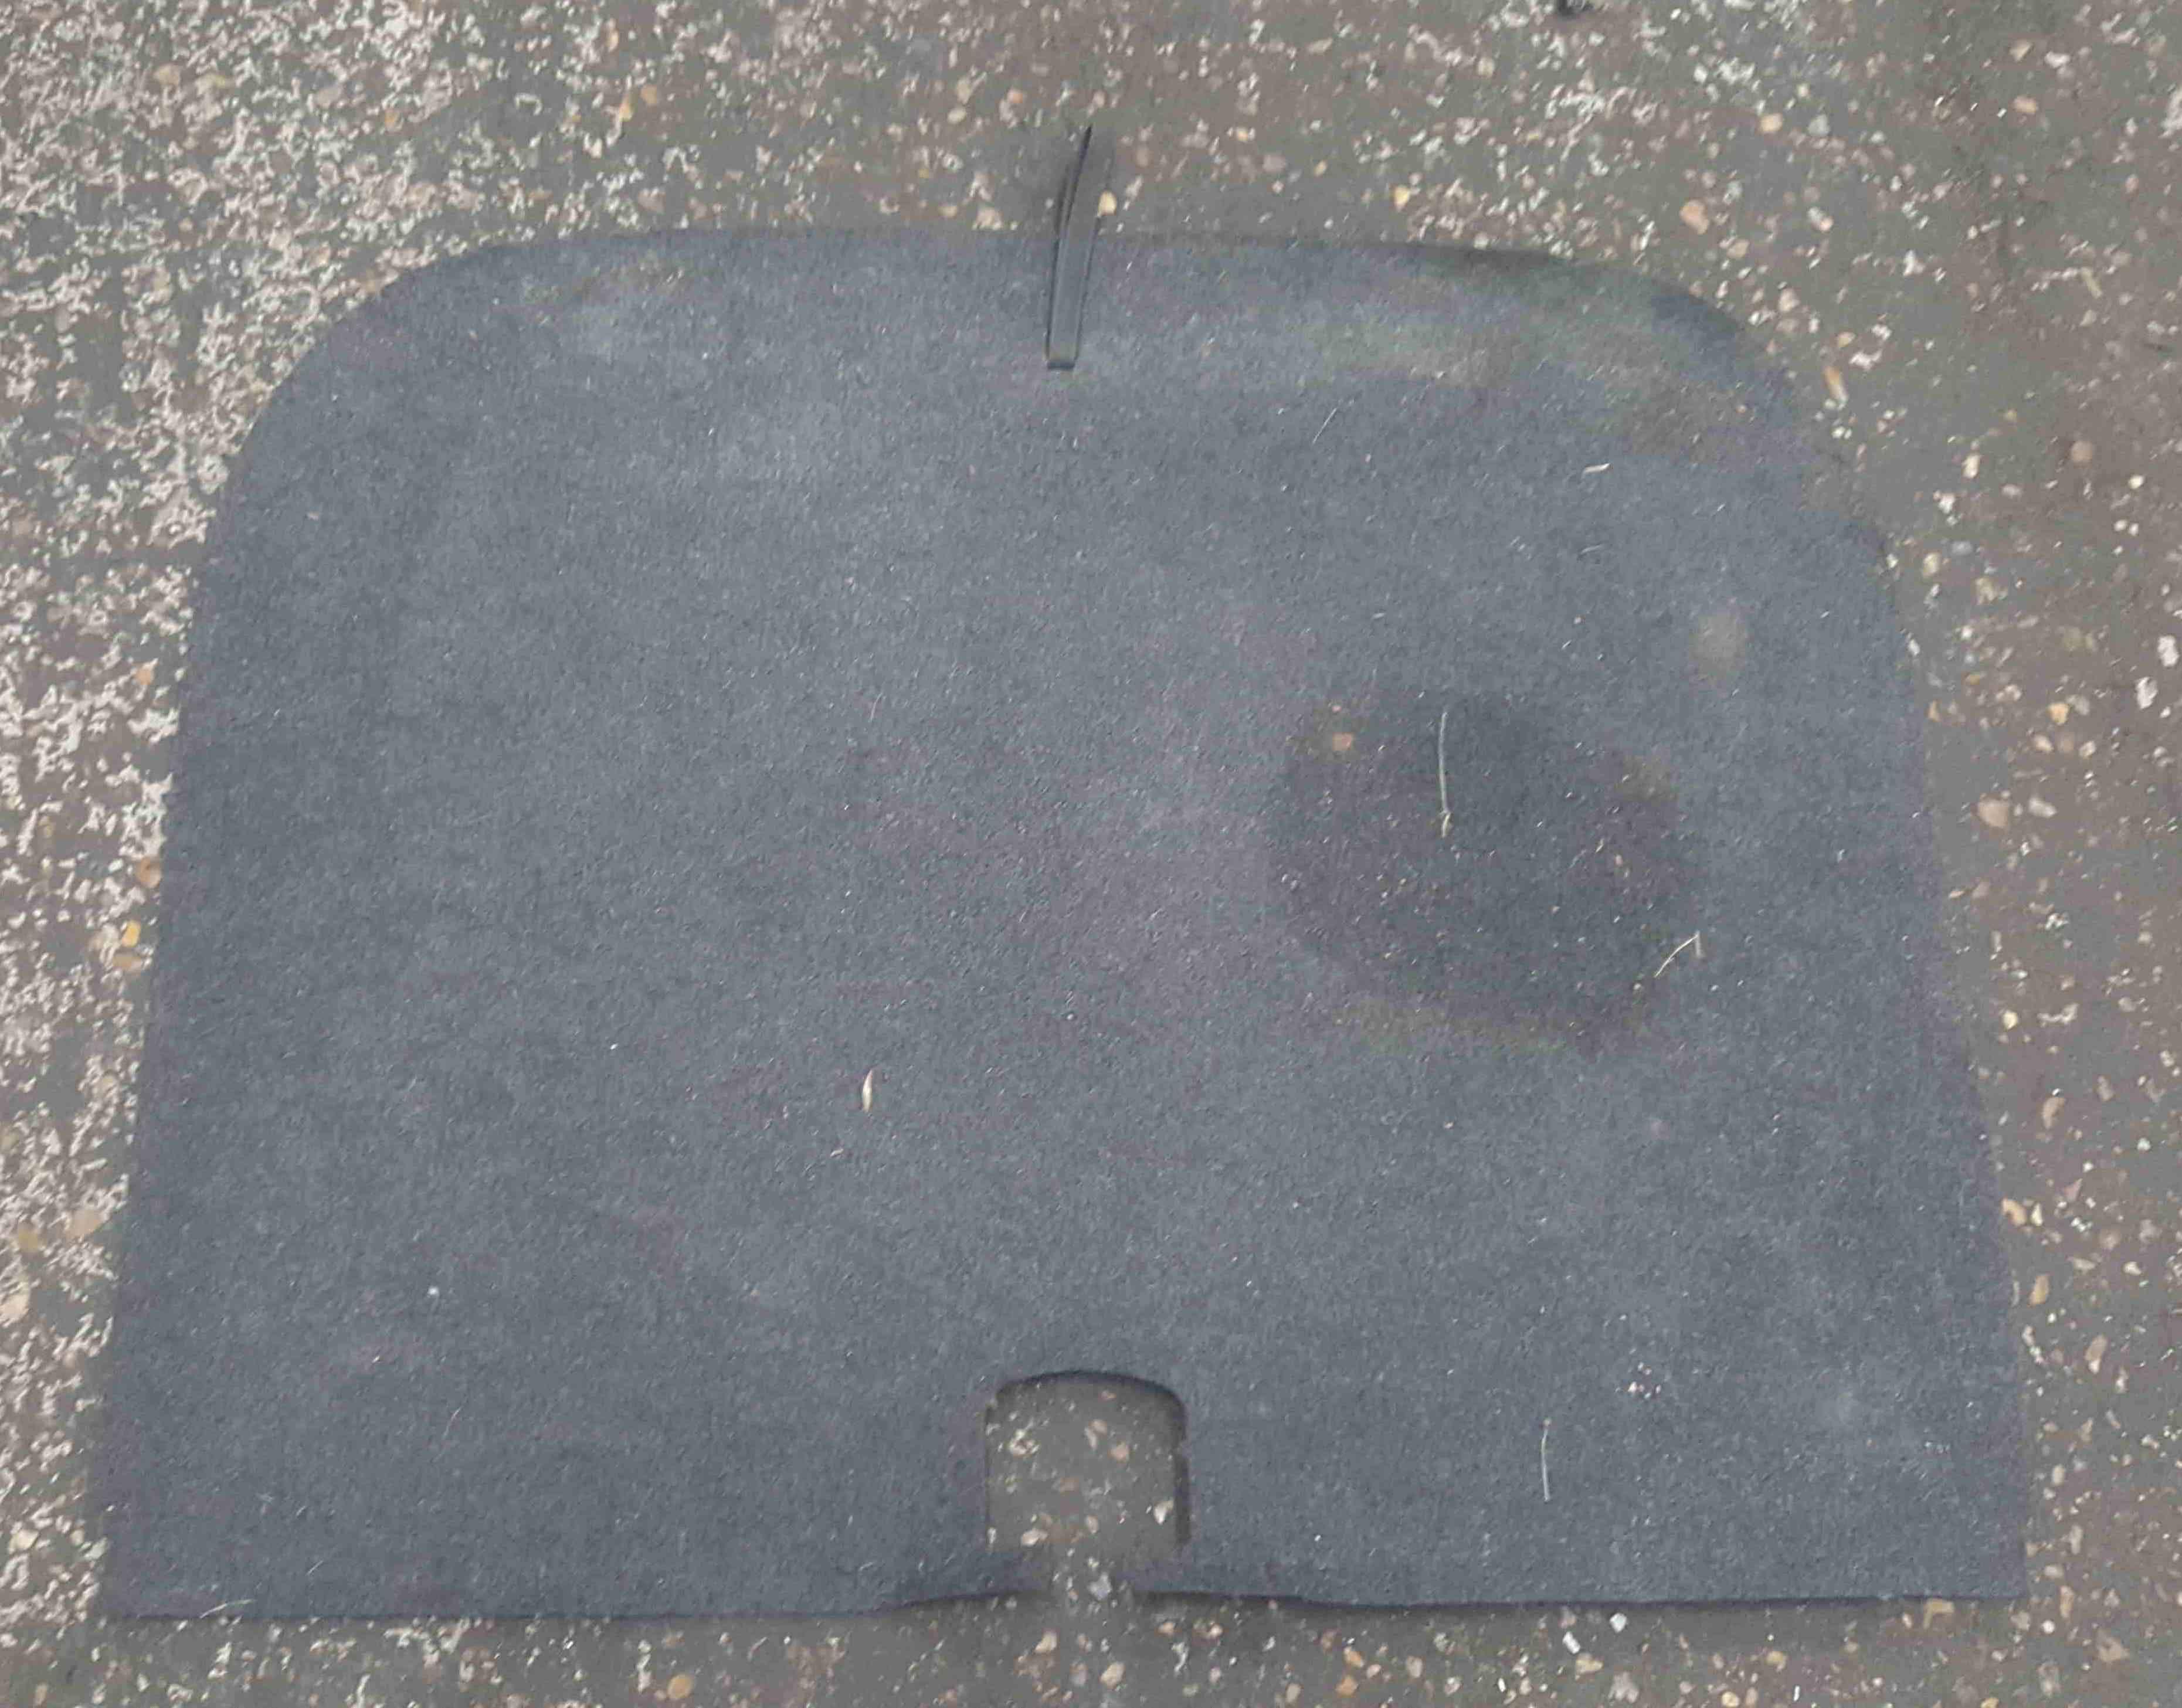 Volkswagen Scirocco 2008-2014 Boot Floor Liner Carpet Spare Cover 1K8863463B